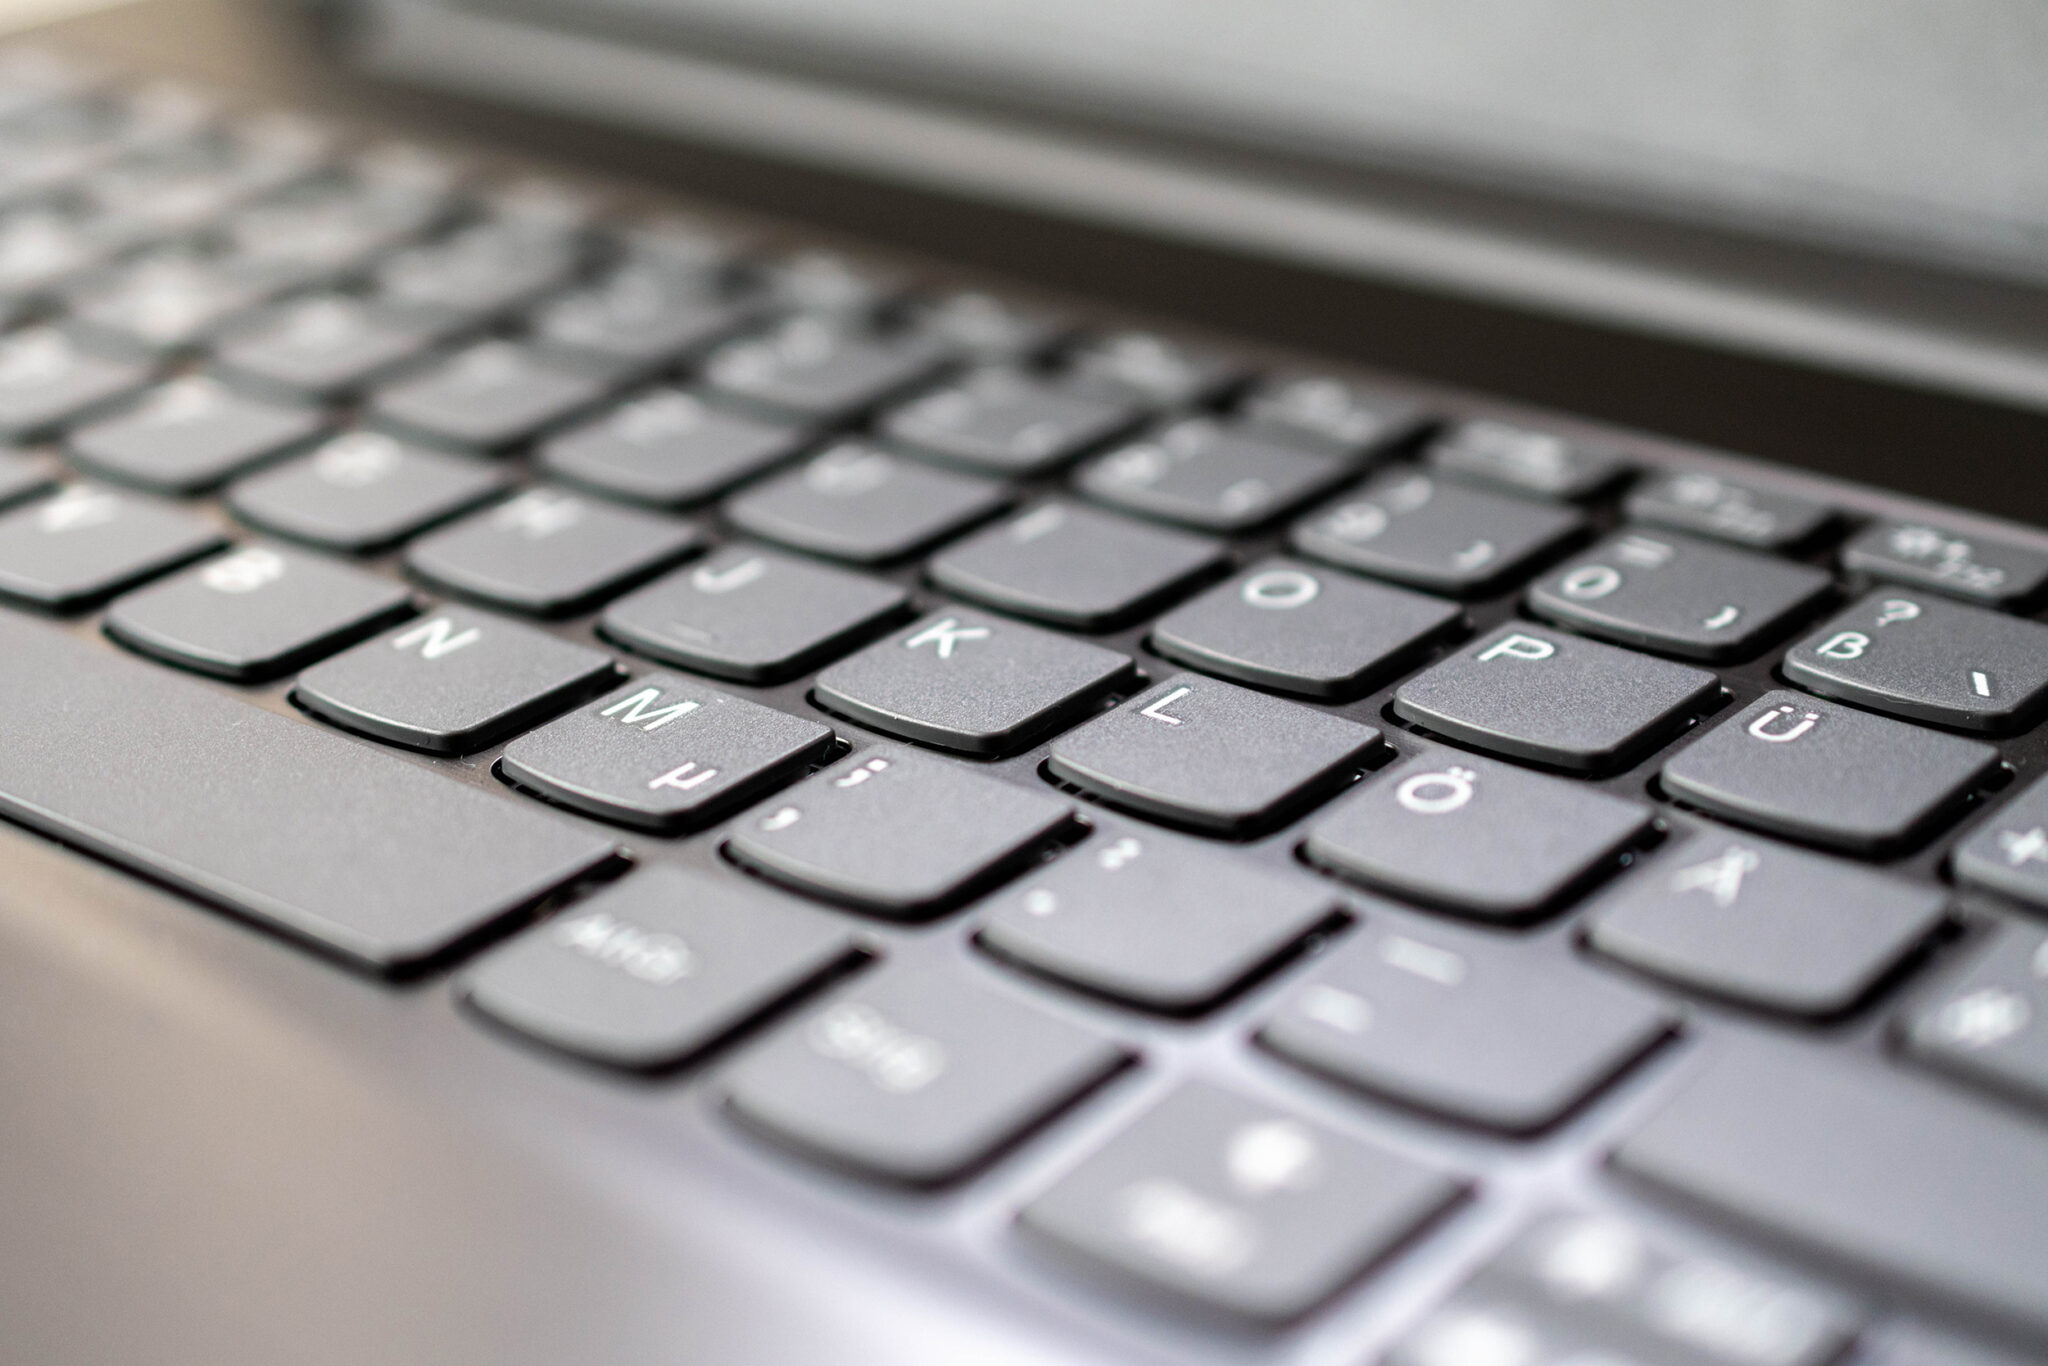 Die Tastatur des Lenovo V17 bietet relativ wenig Widerstand und ein weiches Tippgefühl